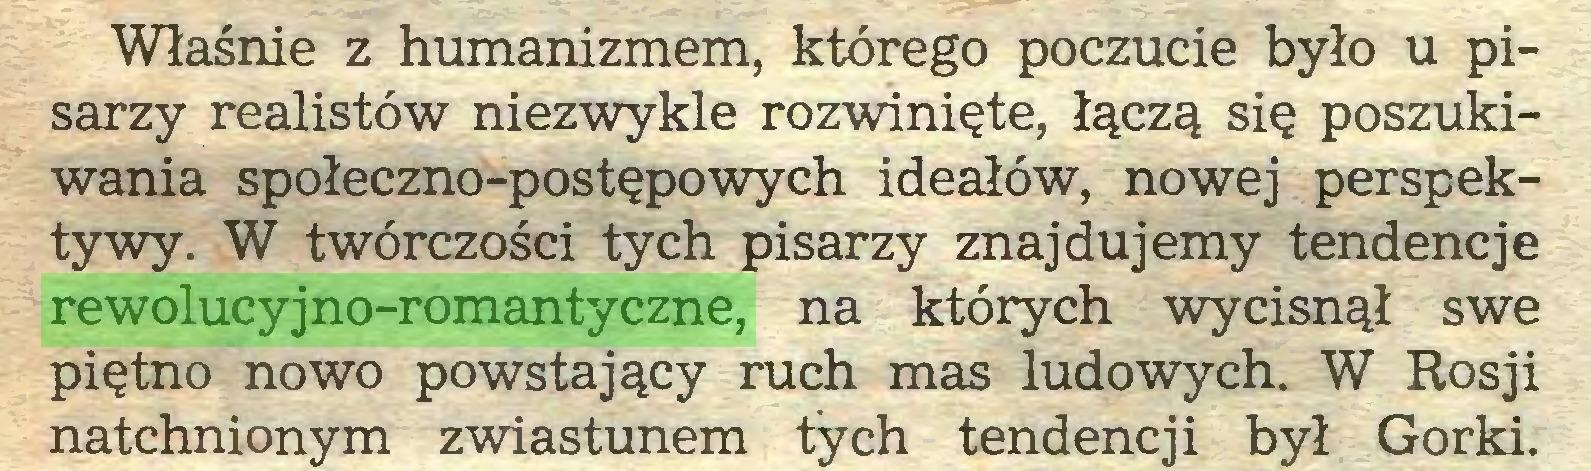 (...) Właśnie z humanizmem, którego poczucie było u pisarzy realistów niezwykle rozwinięte, łączą się poszukiwania społeczno-postępowych ideałów, nowej perspektywy. W twórczości tych pisarzy znajdujemy tendencje rewolucyjno-romantyczne, na których wycisnął swe piętno nowo powstający ruch mas ludowych. W Rosji natchnionym zwiastunem tych tendencji był Gorki...